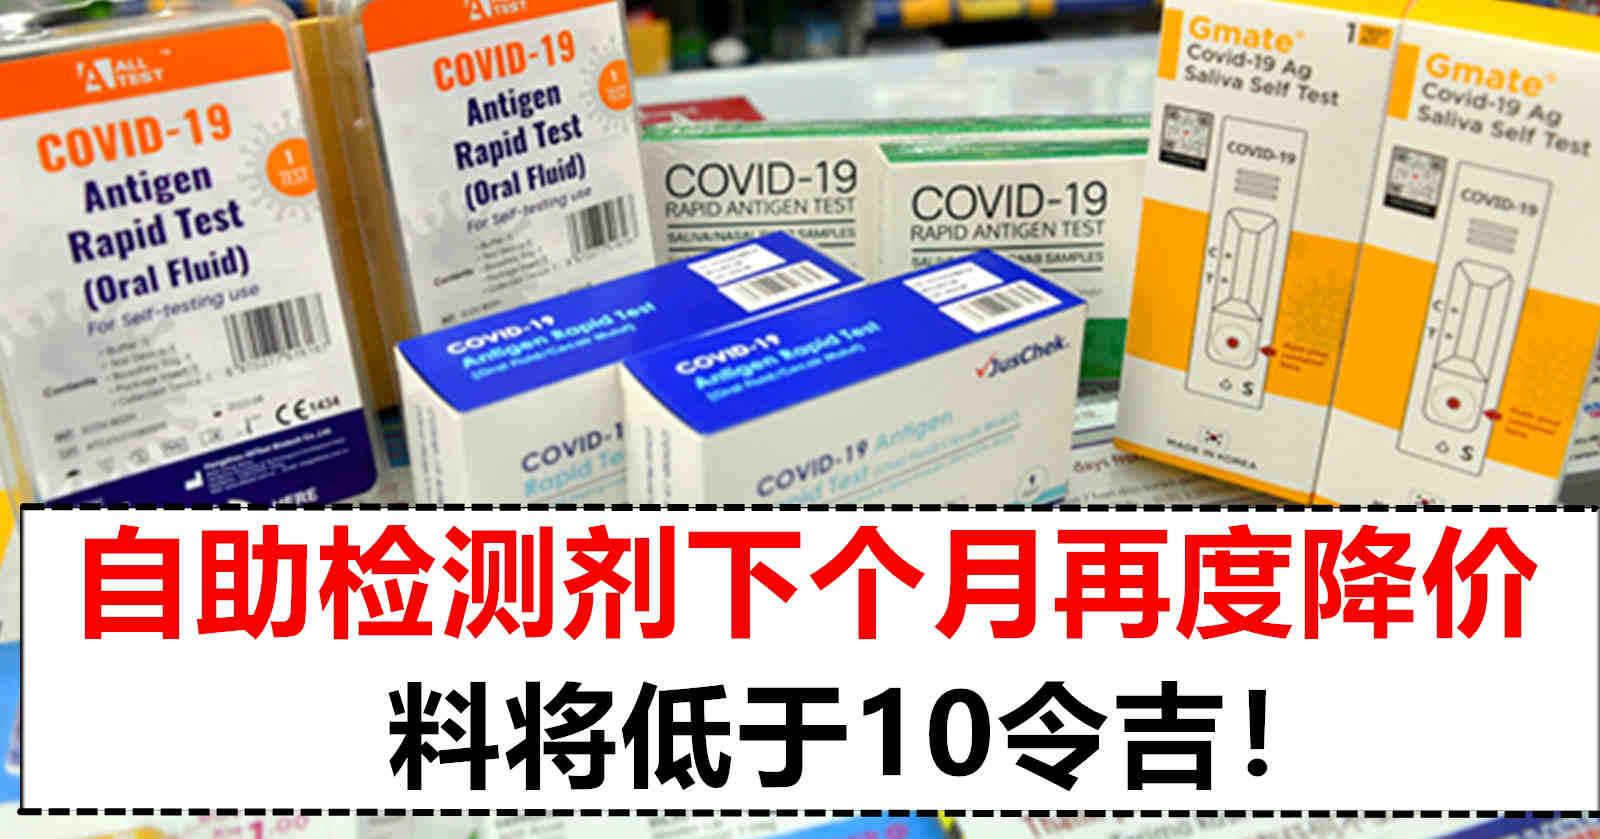 自助检测剂料下月开始降至低于10令吉